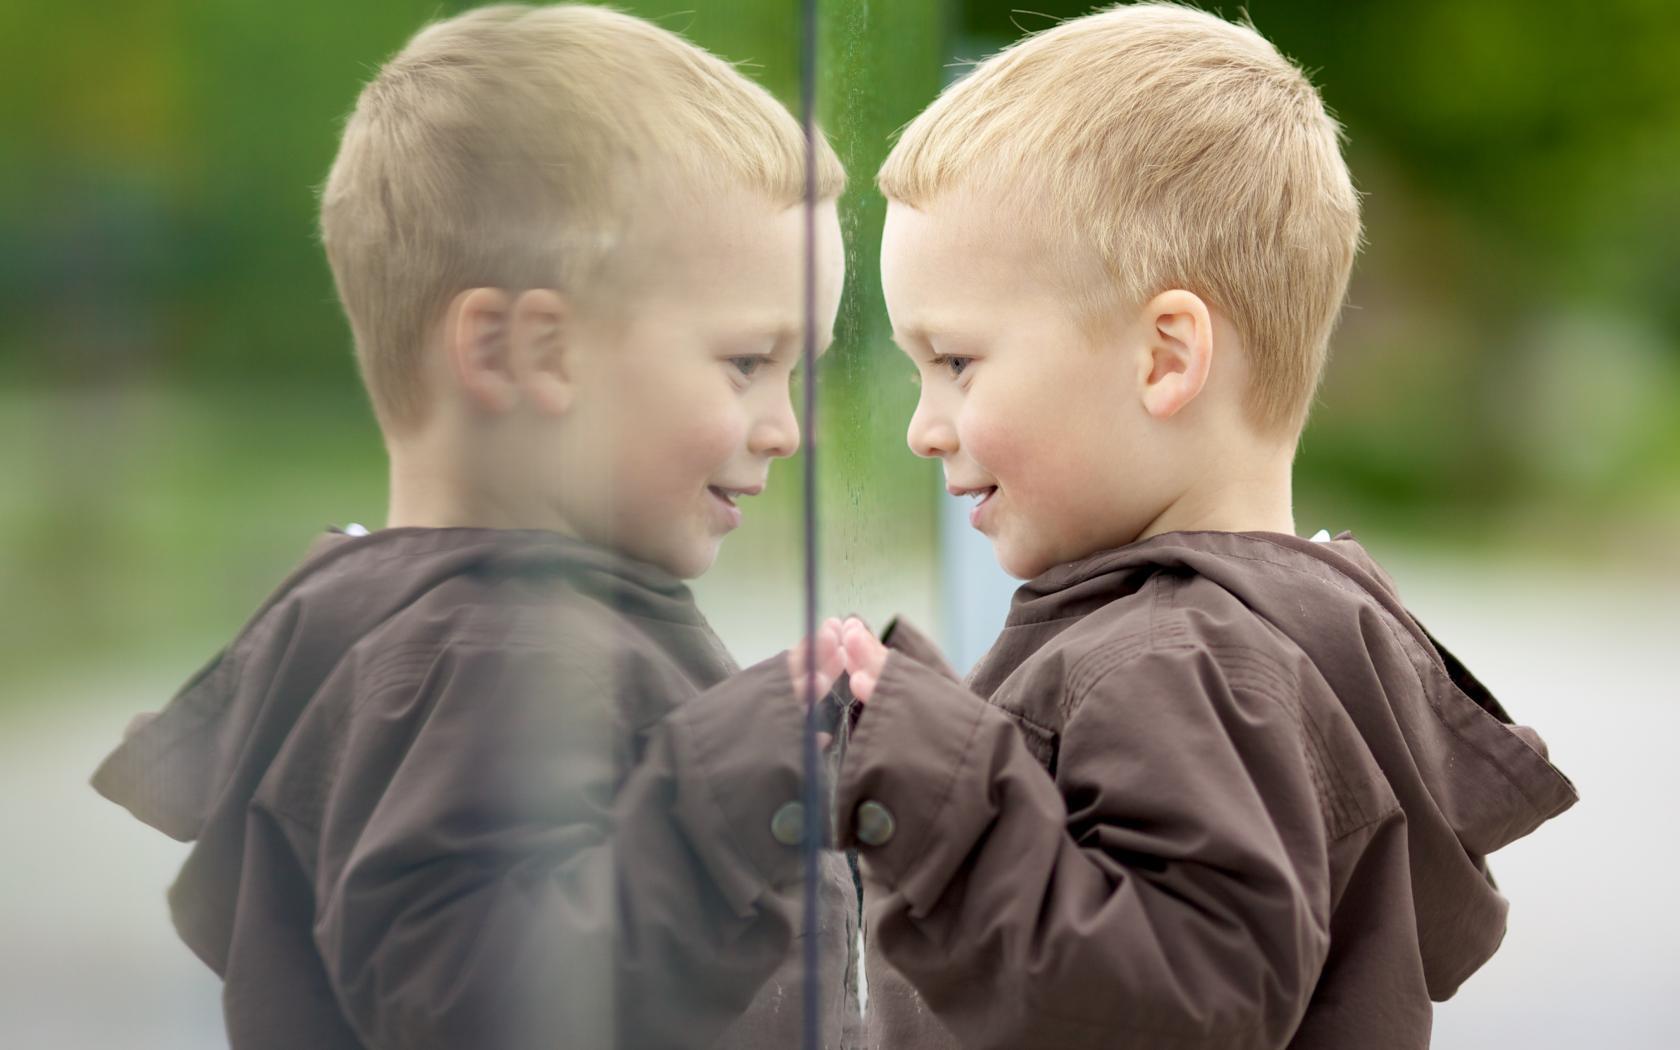 картинки дразнилка в зеркало таком случае накладные